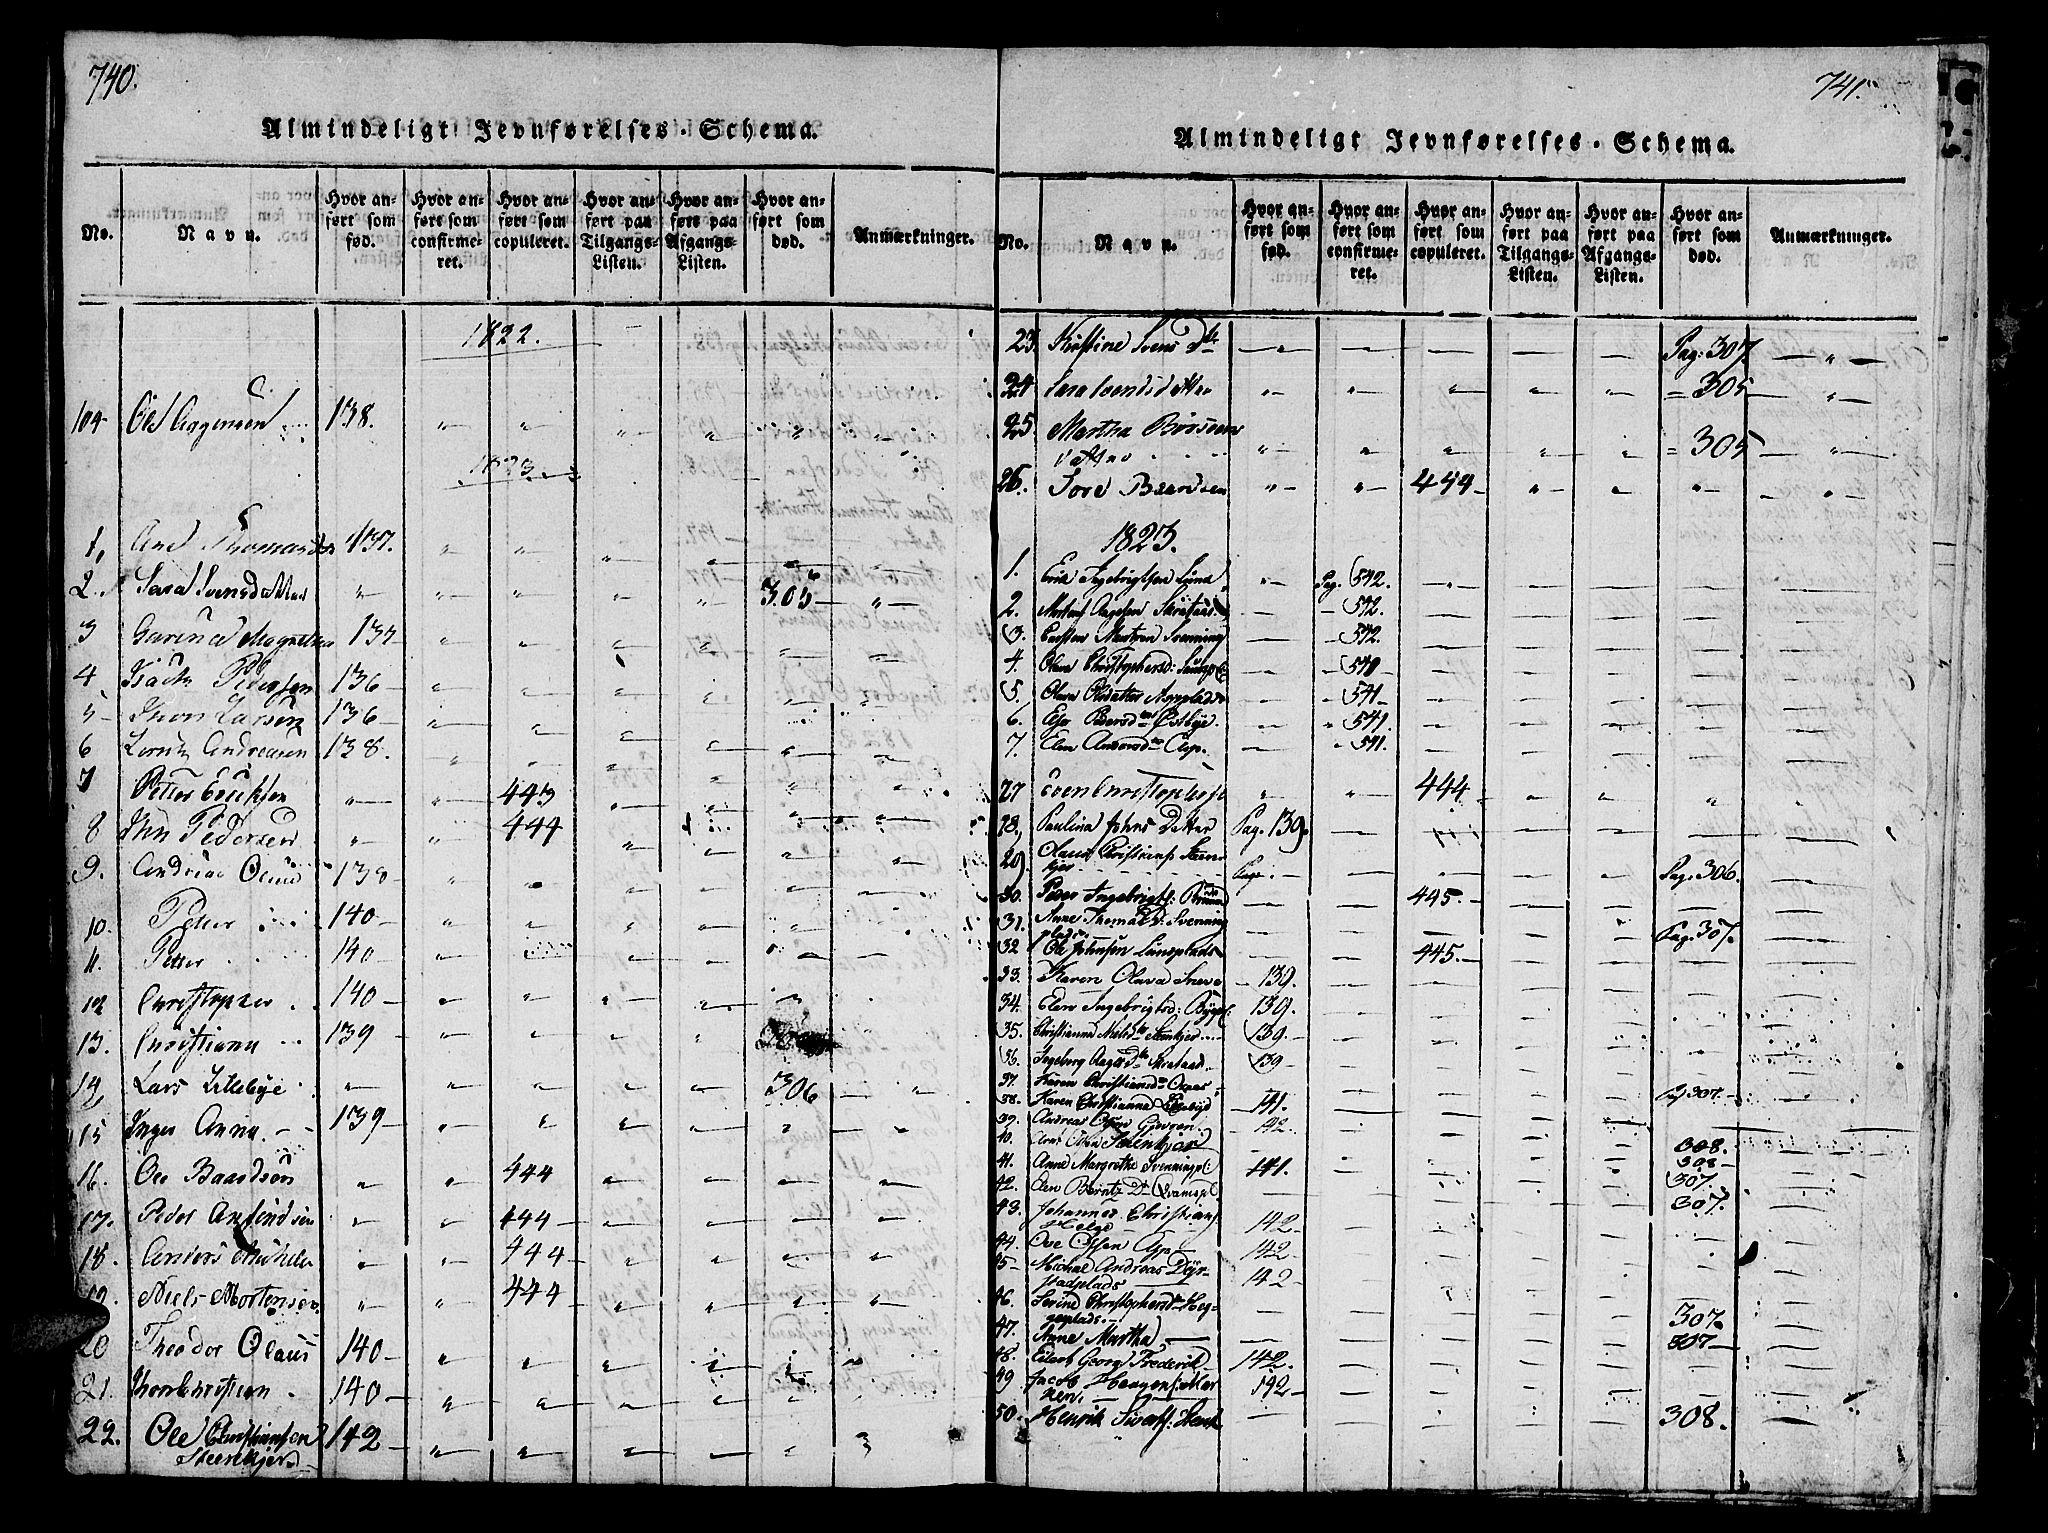 SAT, Ministerialprotokoller, klokkerbøker og fødselsregistre - Nord-Trøndelag, 746/L0441: Ministerialbok nr. 736A03 /3, 1816-1827, s. 740-741